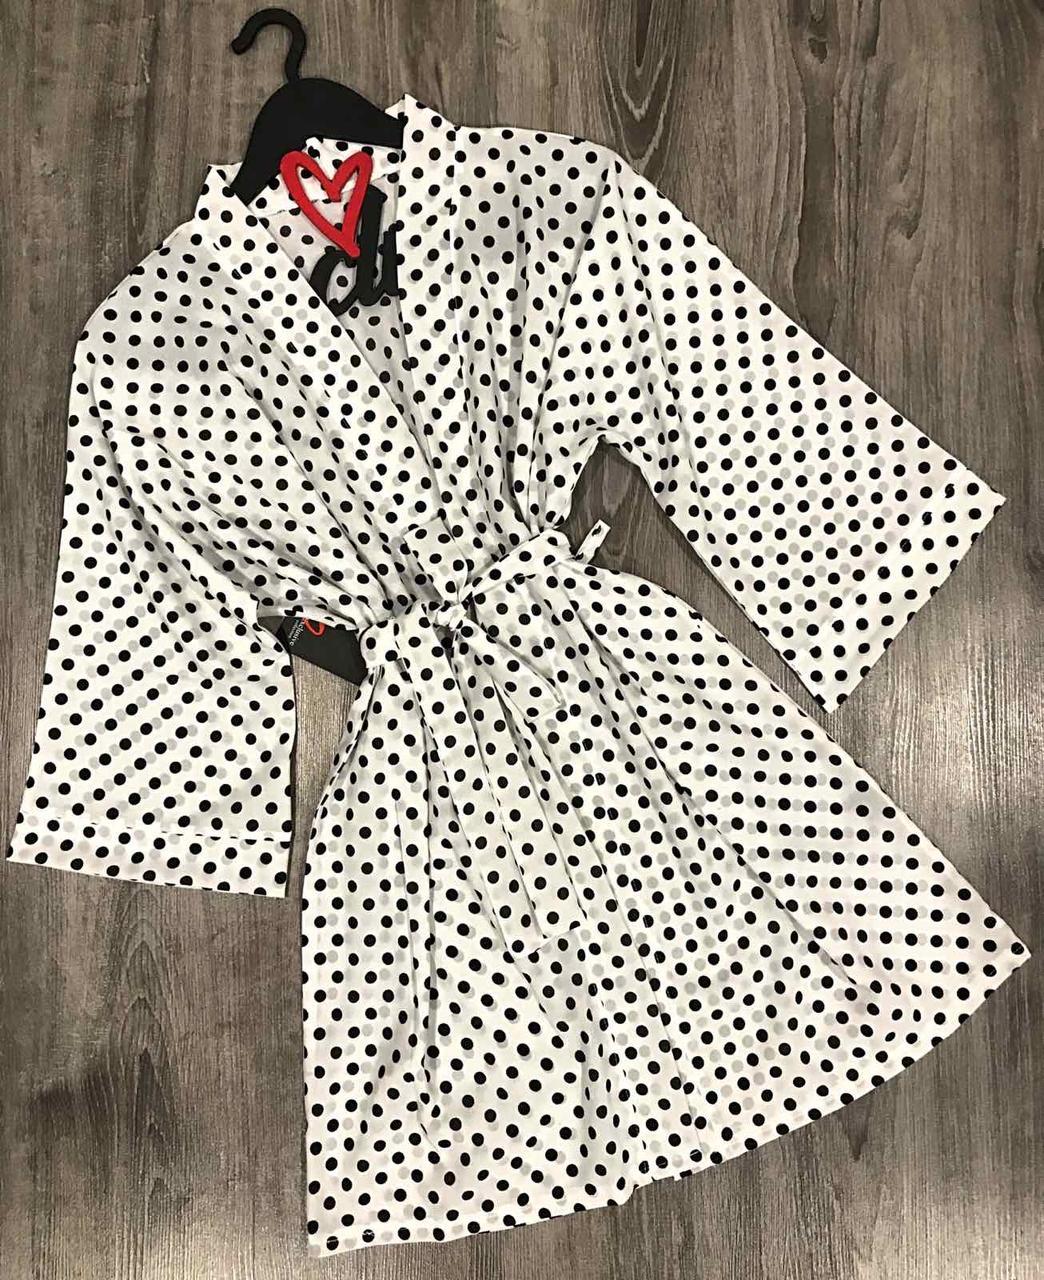 Оригинальный женский халат в горох из приятной, легкой ткани.